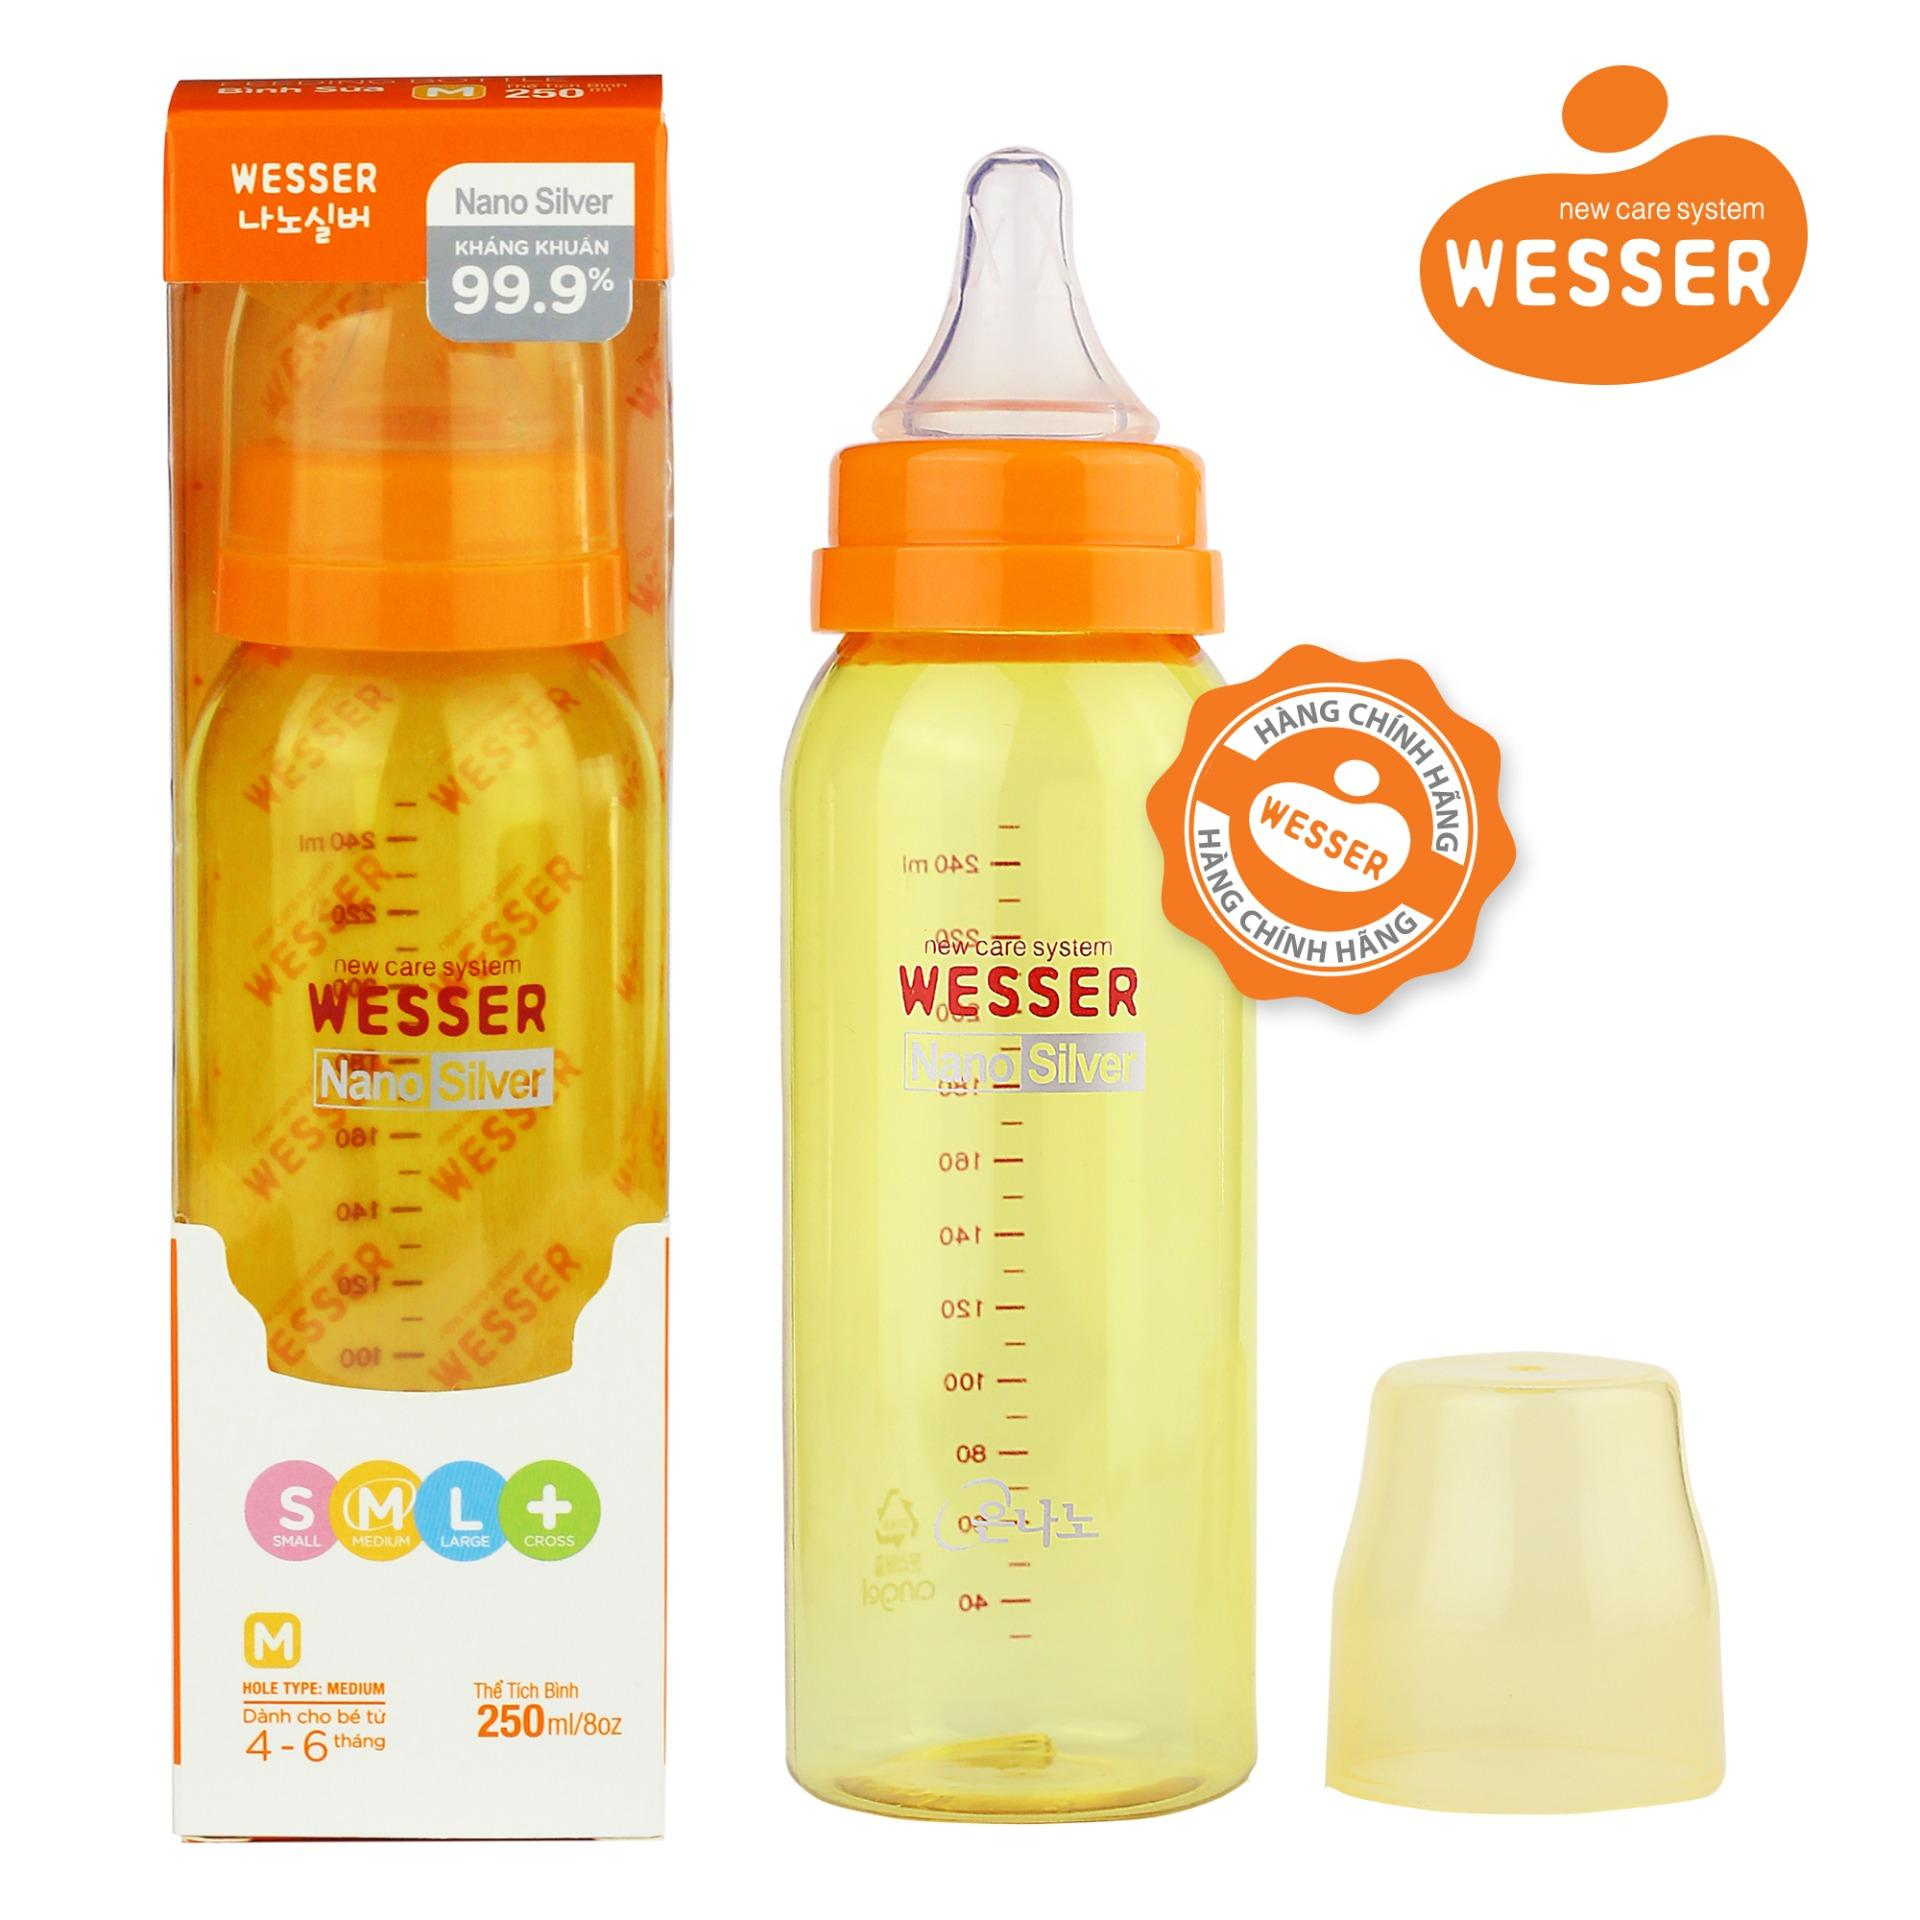 Bộ 2 Bình sữa Wesser Nano Silver cổ hẹp 250ml ( Màu vàng)